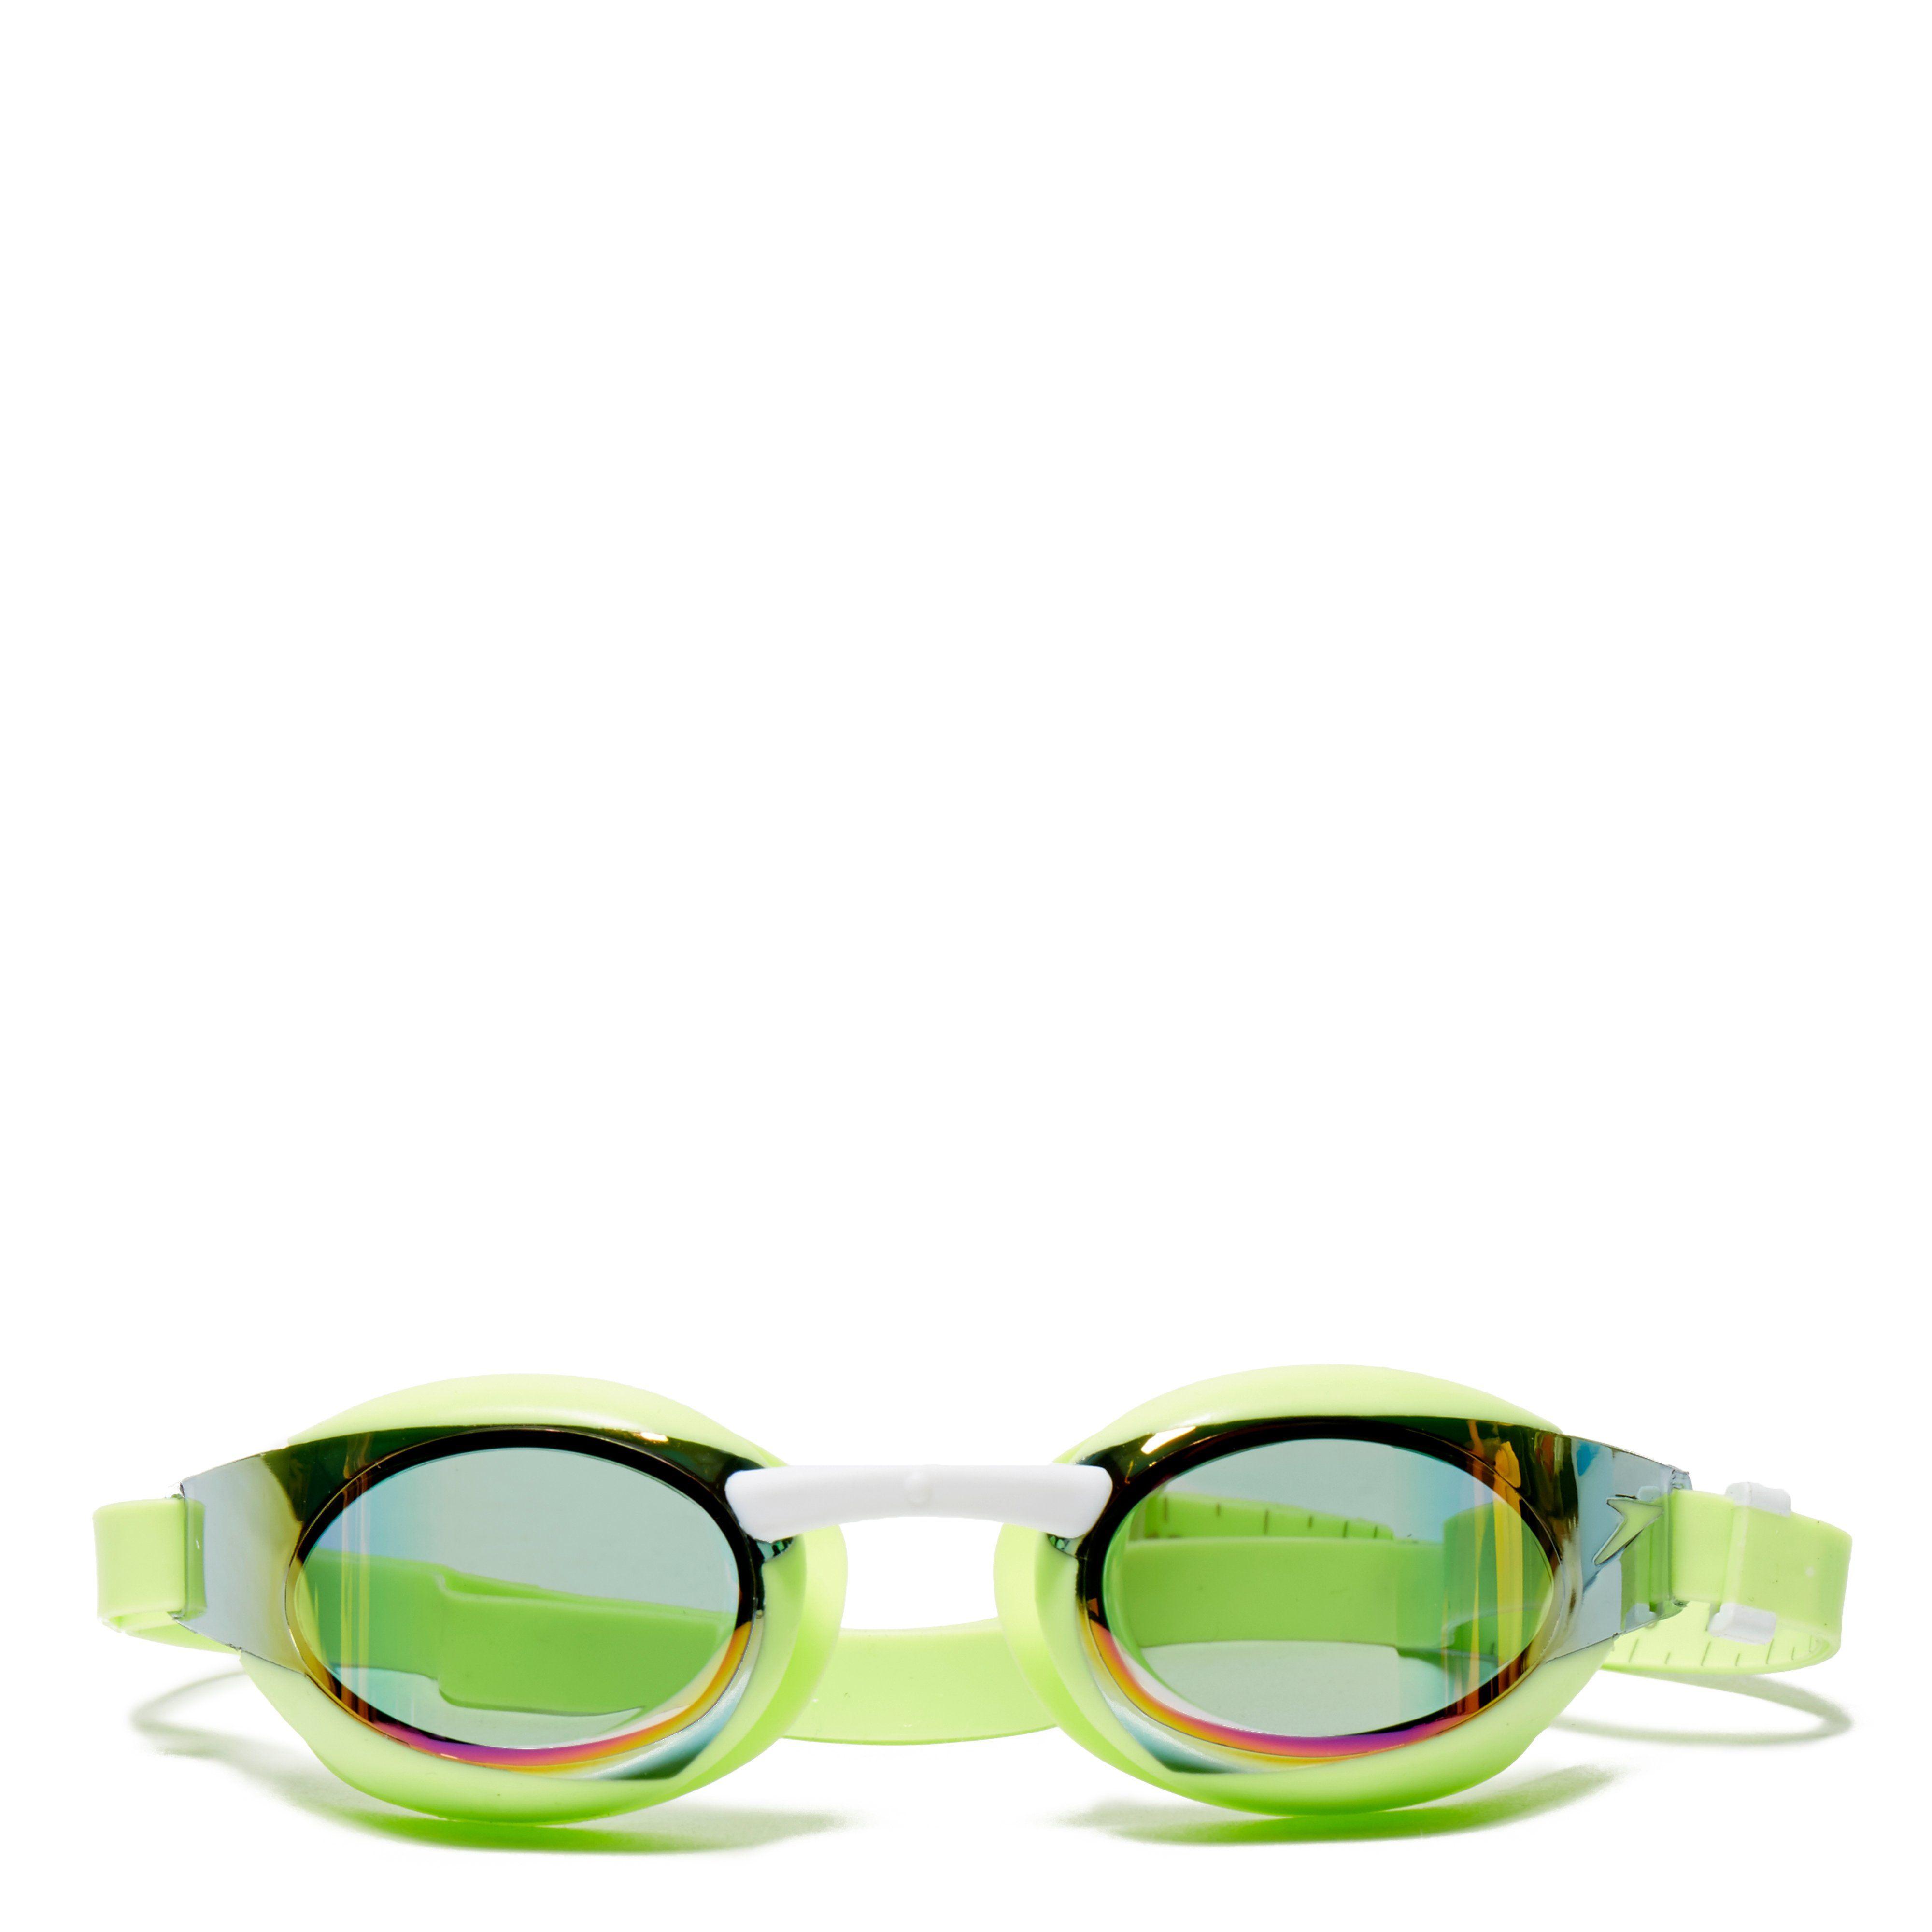 Speedo Fastskin 3 Elite Mirror Junior Goggles